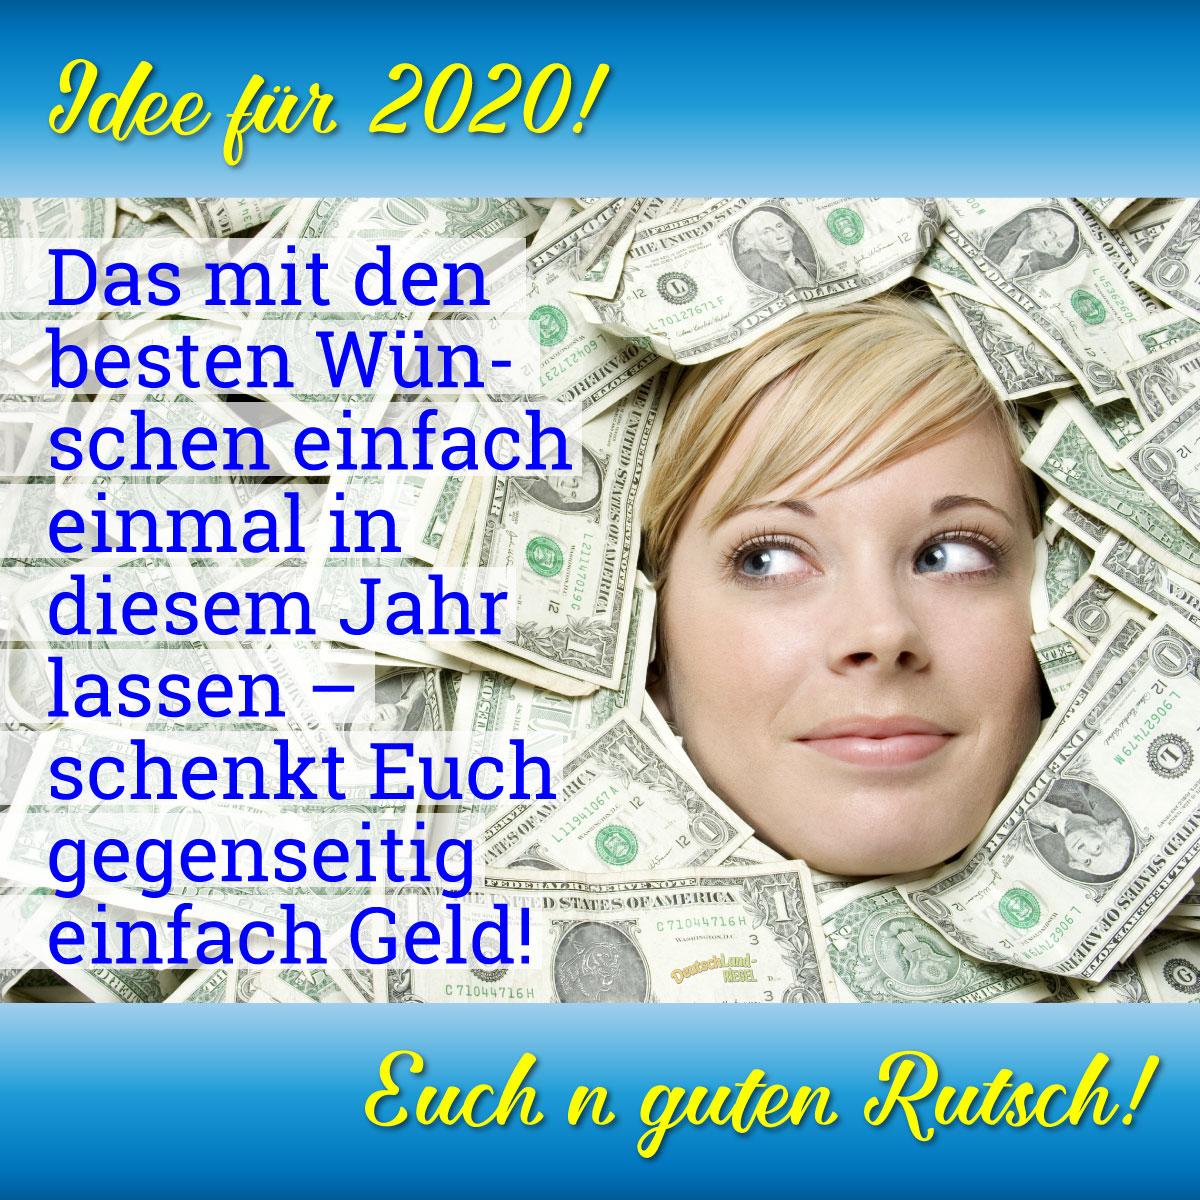 Idee für 2020! Lasst einfach ale einmal das gegenseitige Wünschen weg und schenkt Euch lieber gleich Geld!